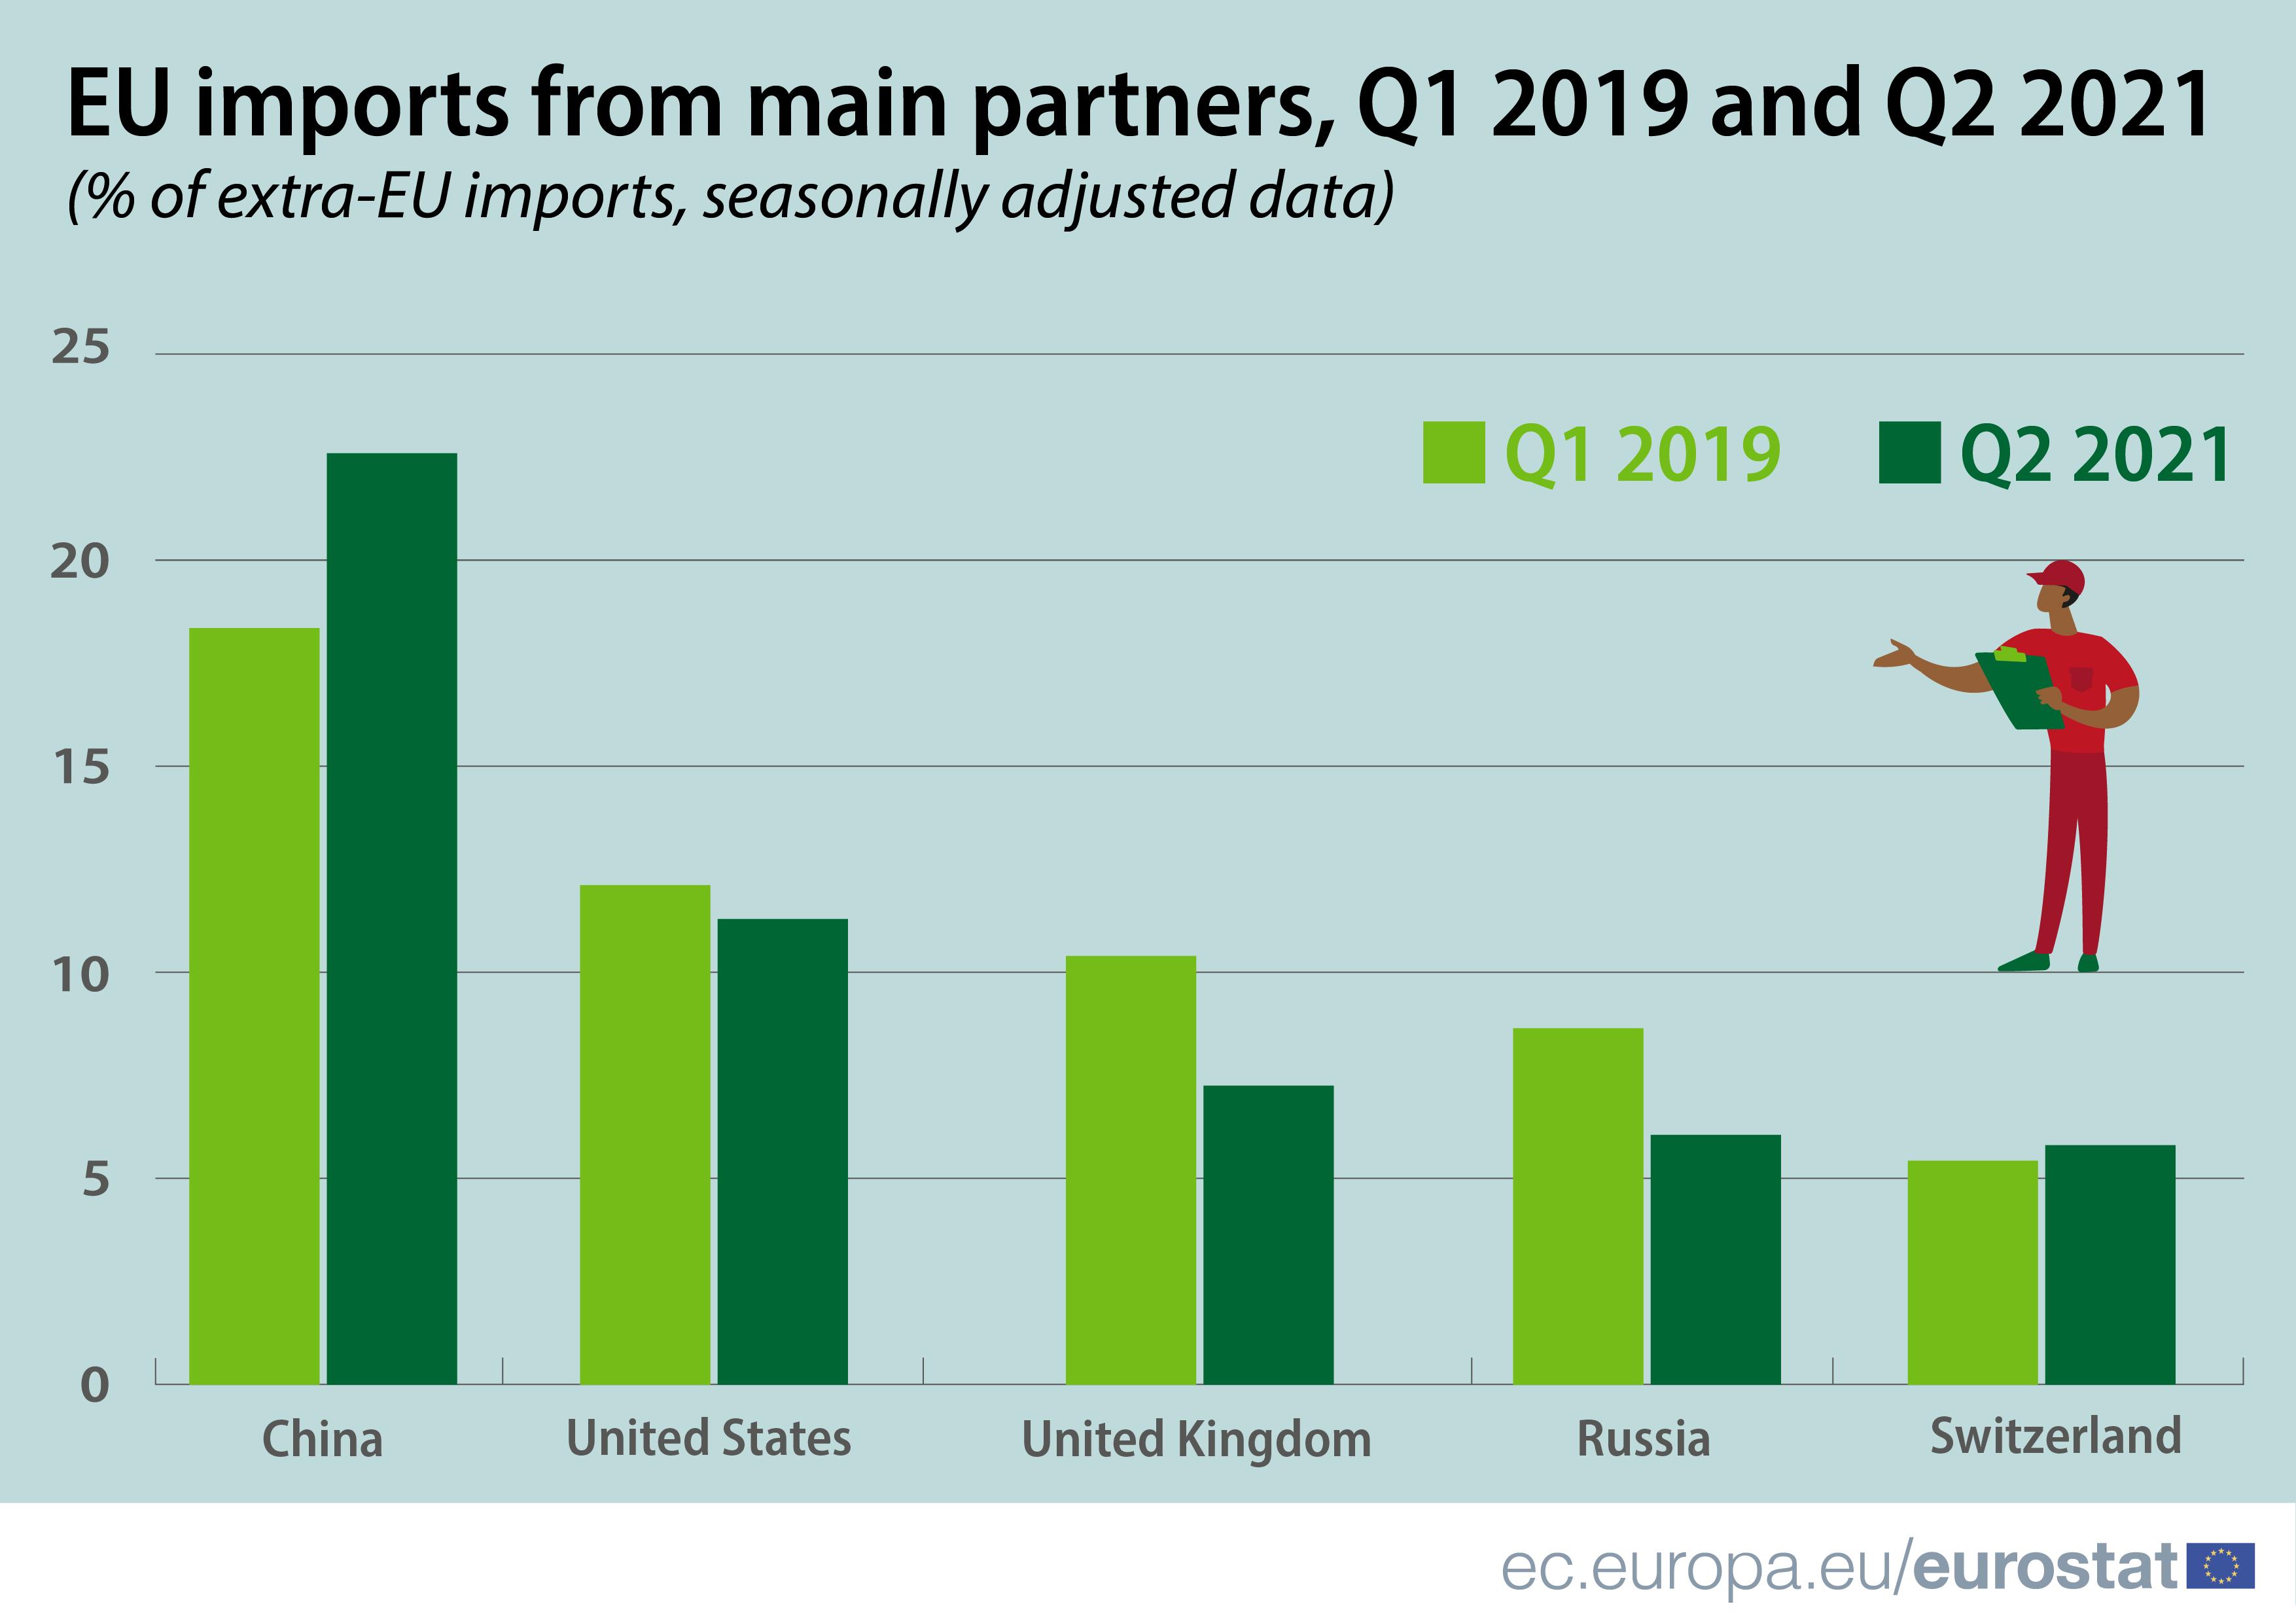 Infografica: importazioni UE dai principali partner, primo trimestre 2019 rispetto al secondo trimestre 2021, % di importazioni extra UE, dati destagionalizzati